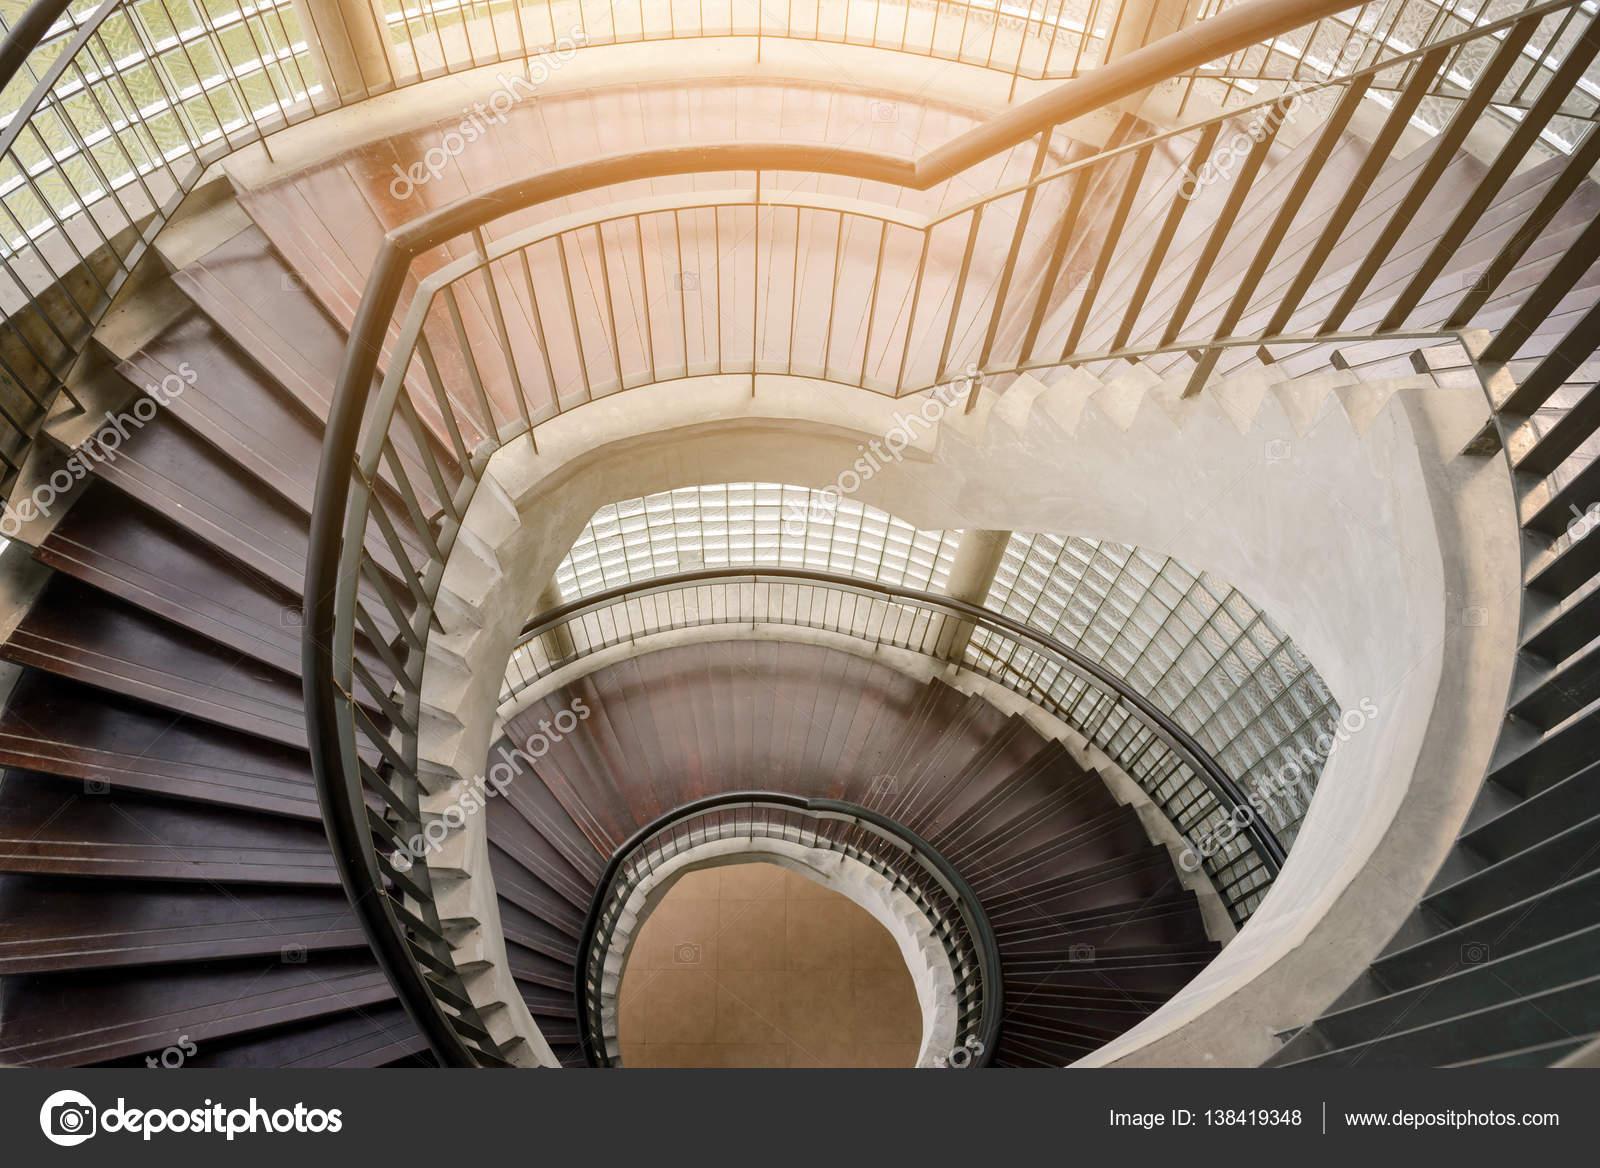 Houten wenteltrap circulaire trap interieur decoratie